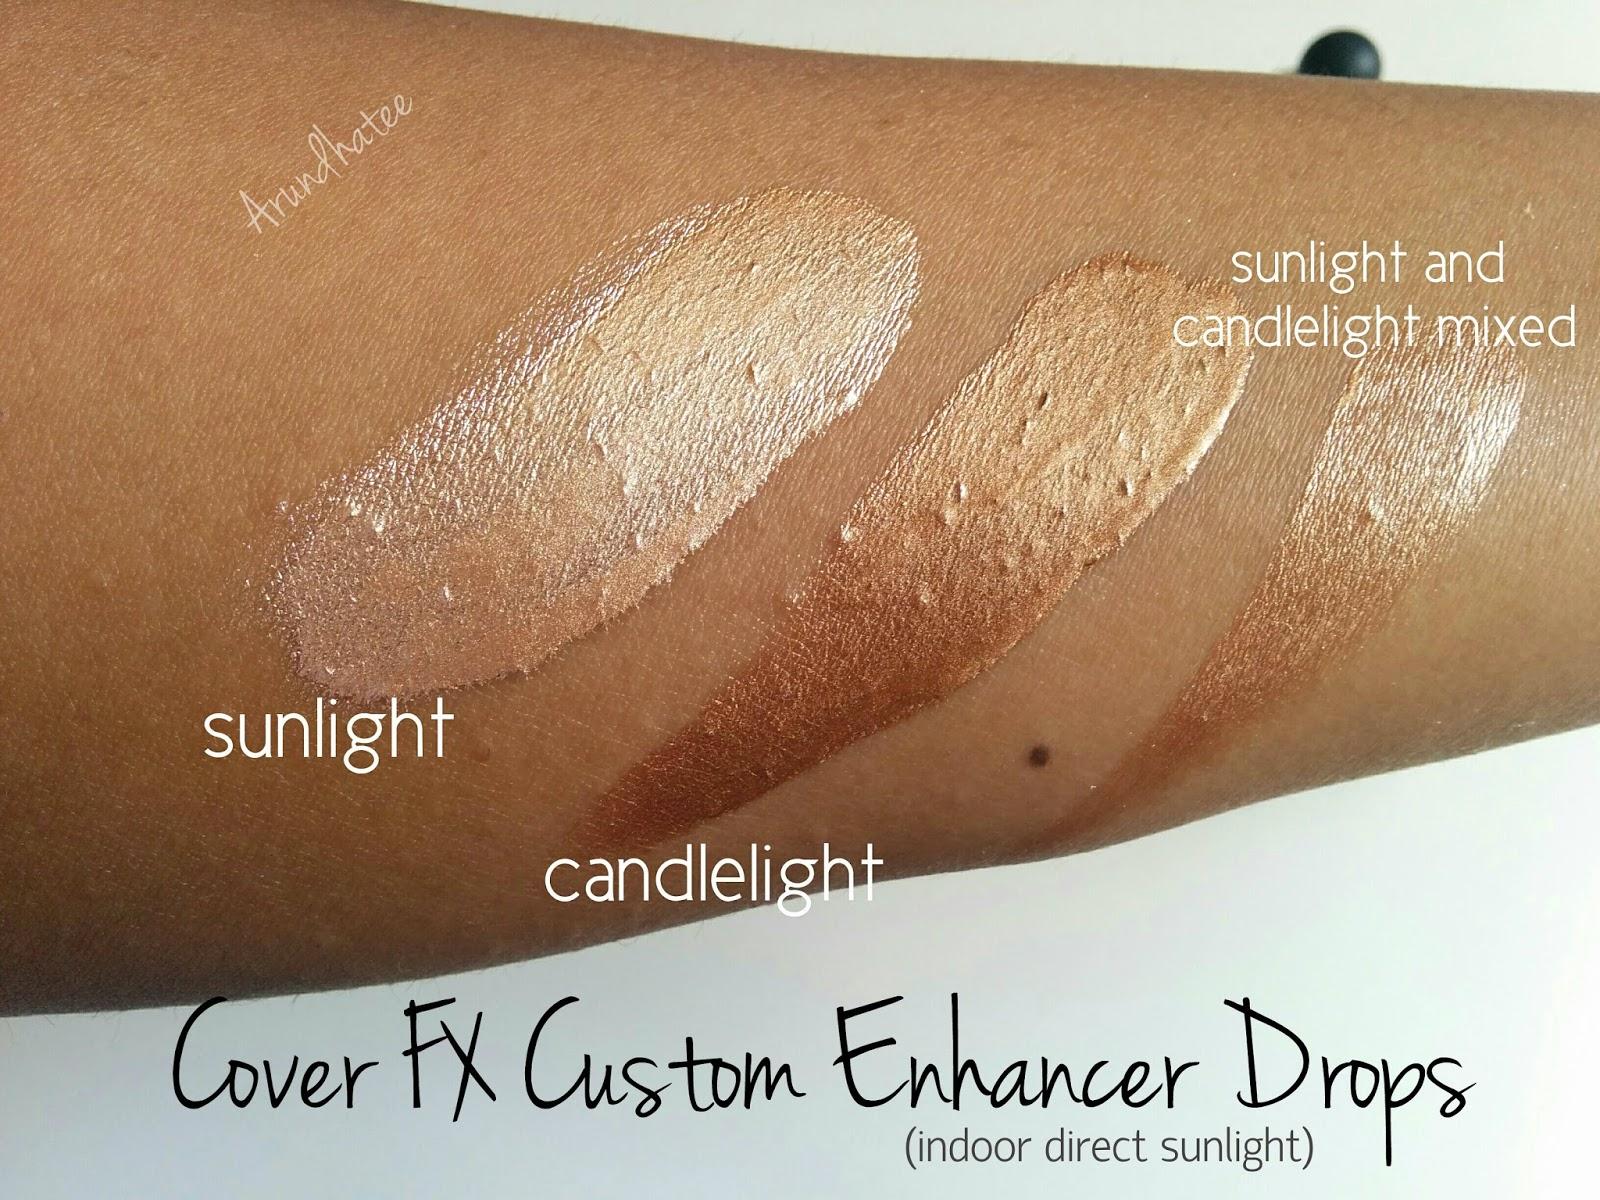 Custom Enhancer Drops by Cover FX #22